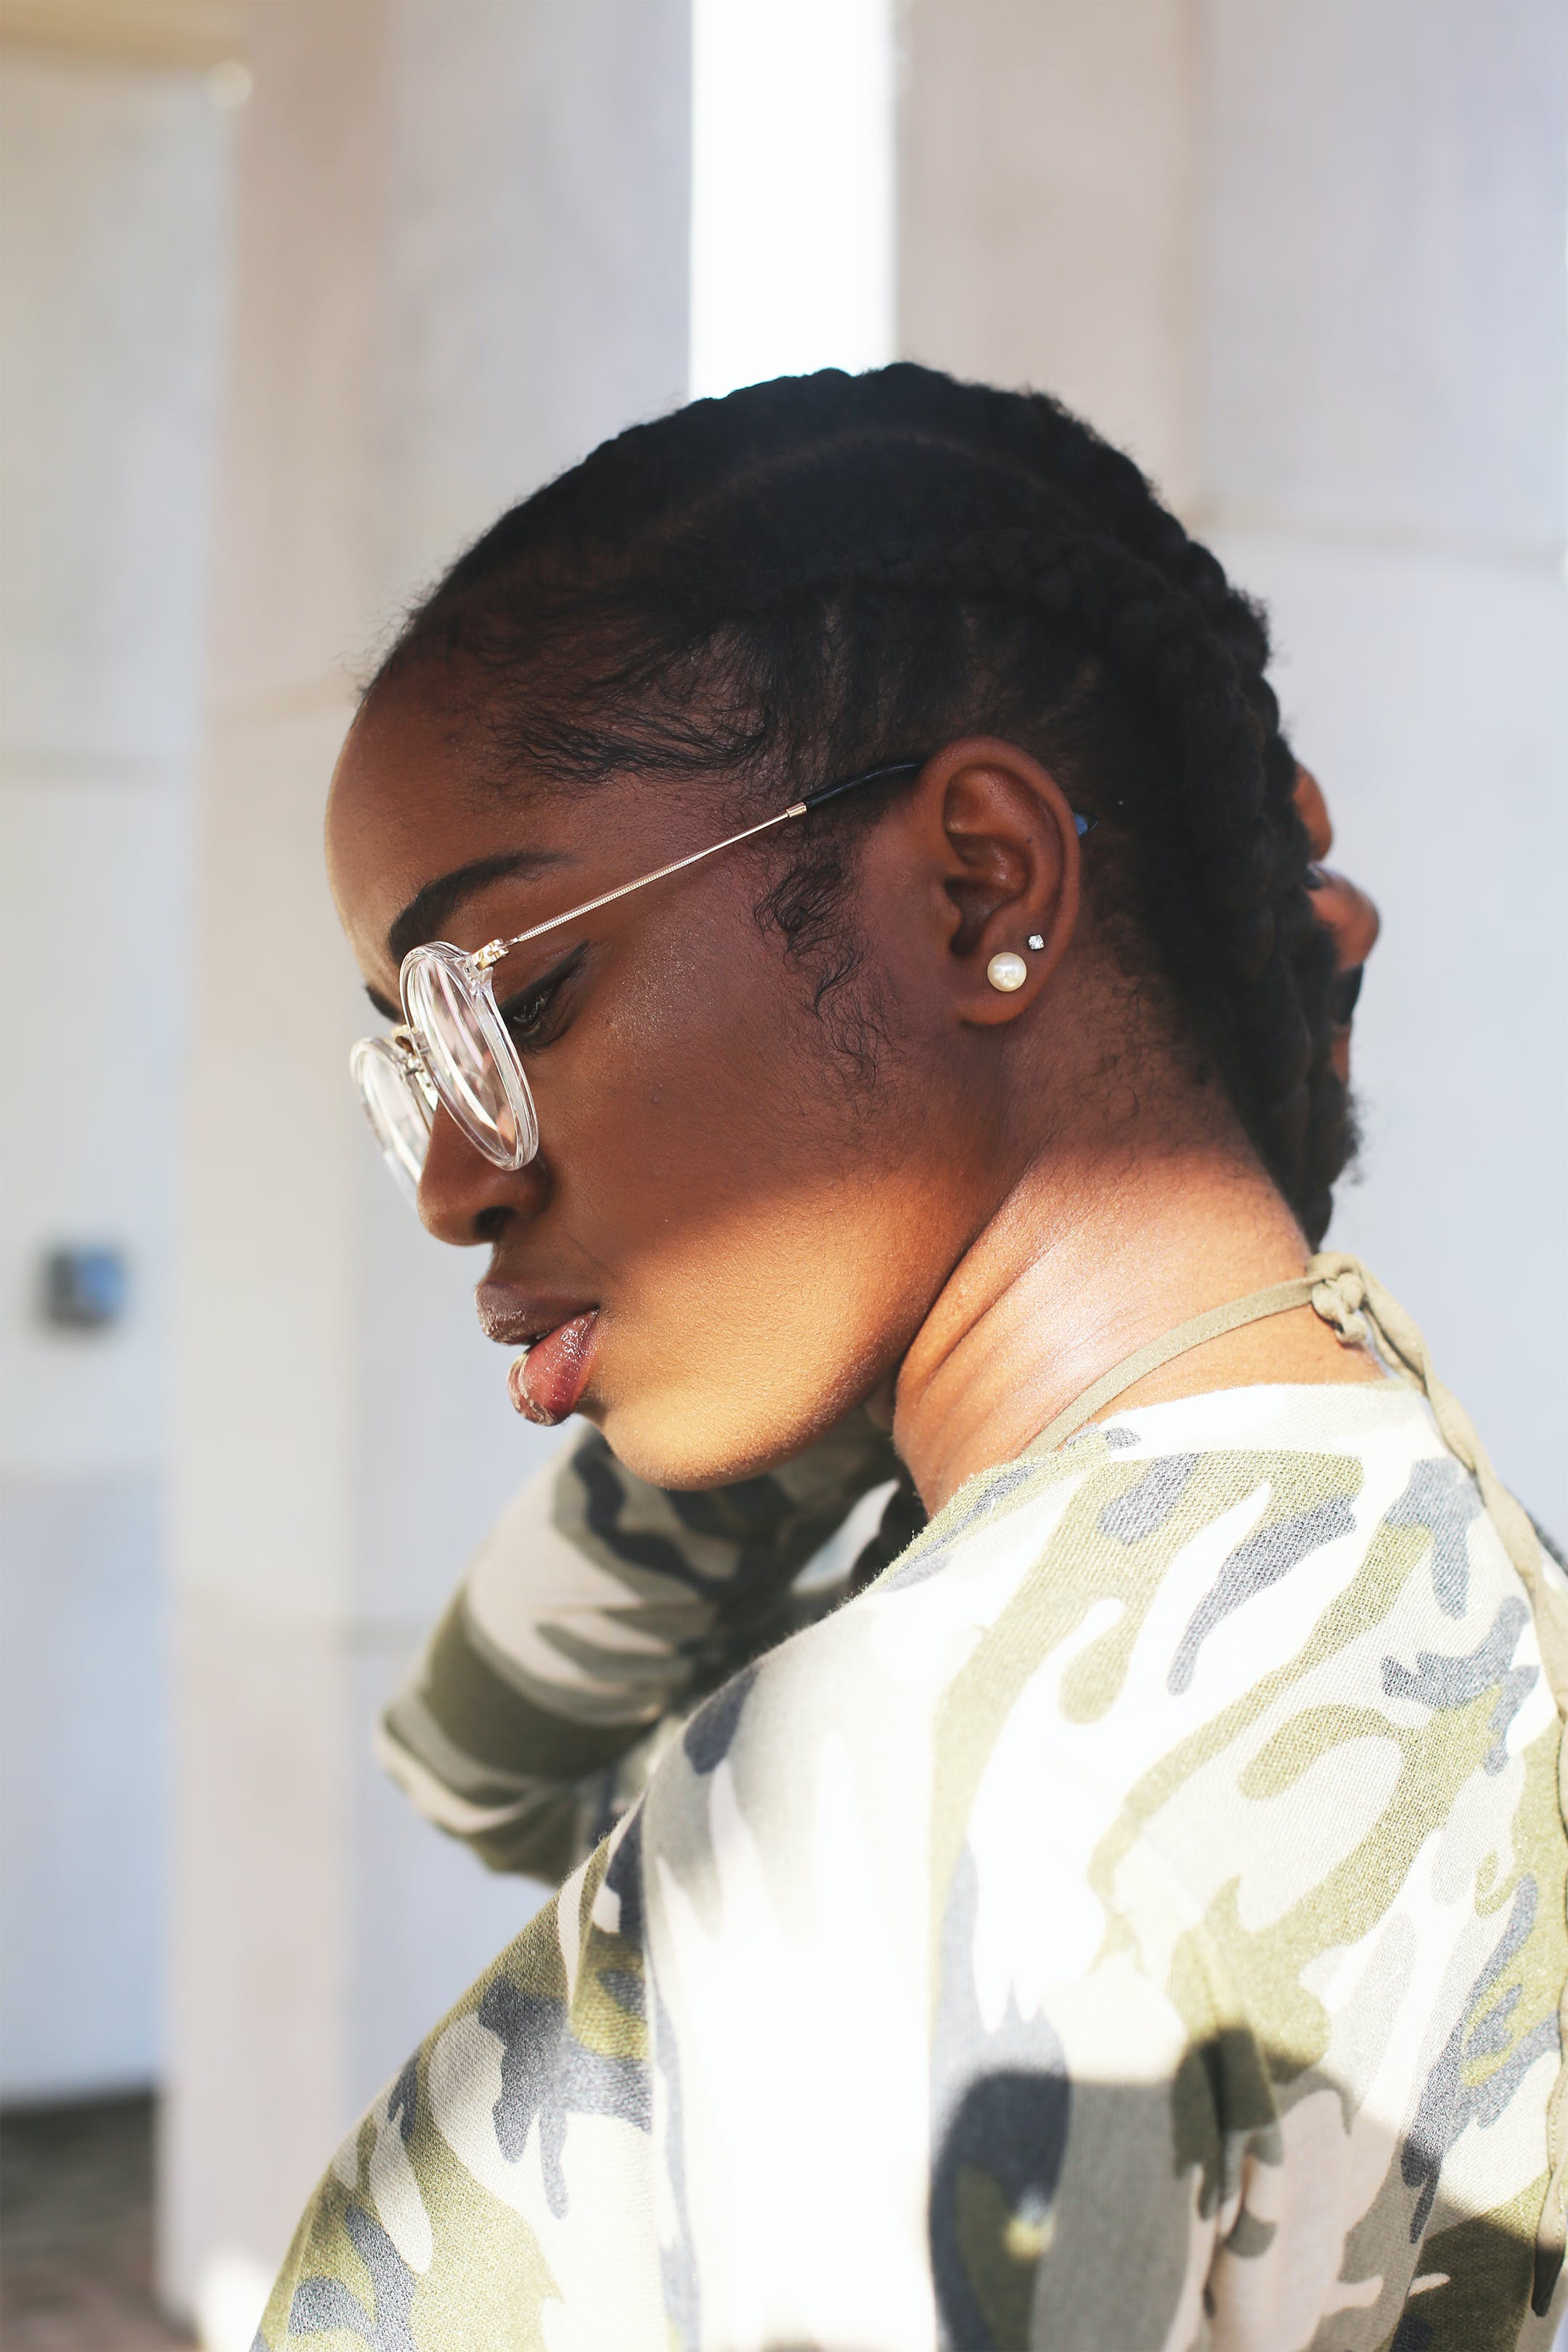 Gratis arkivbilde med afrikansk-amerikansk, attraktiv, briller, bruke